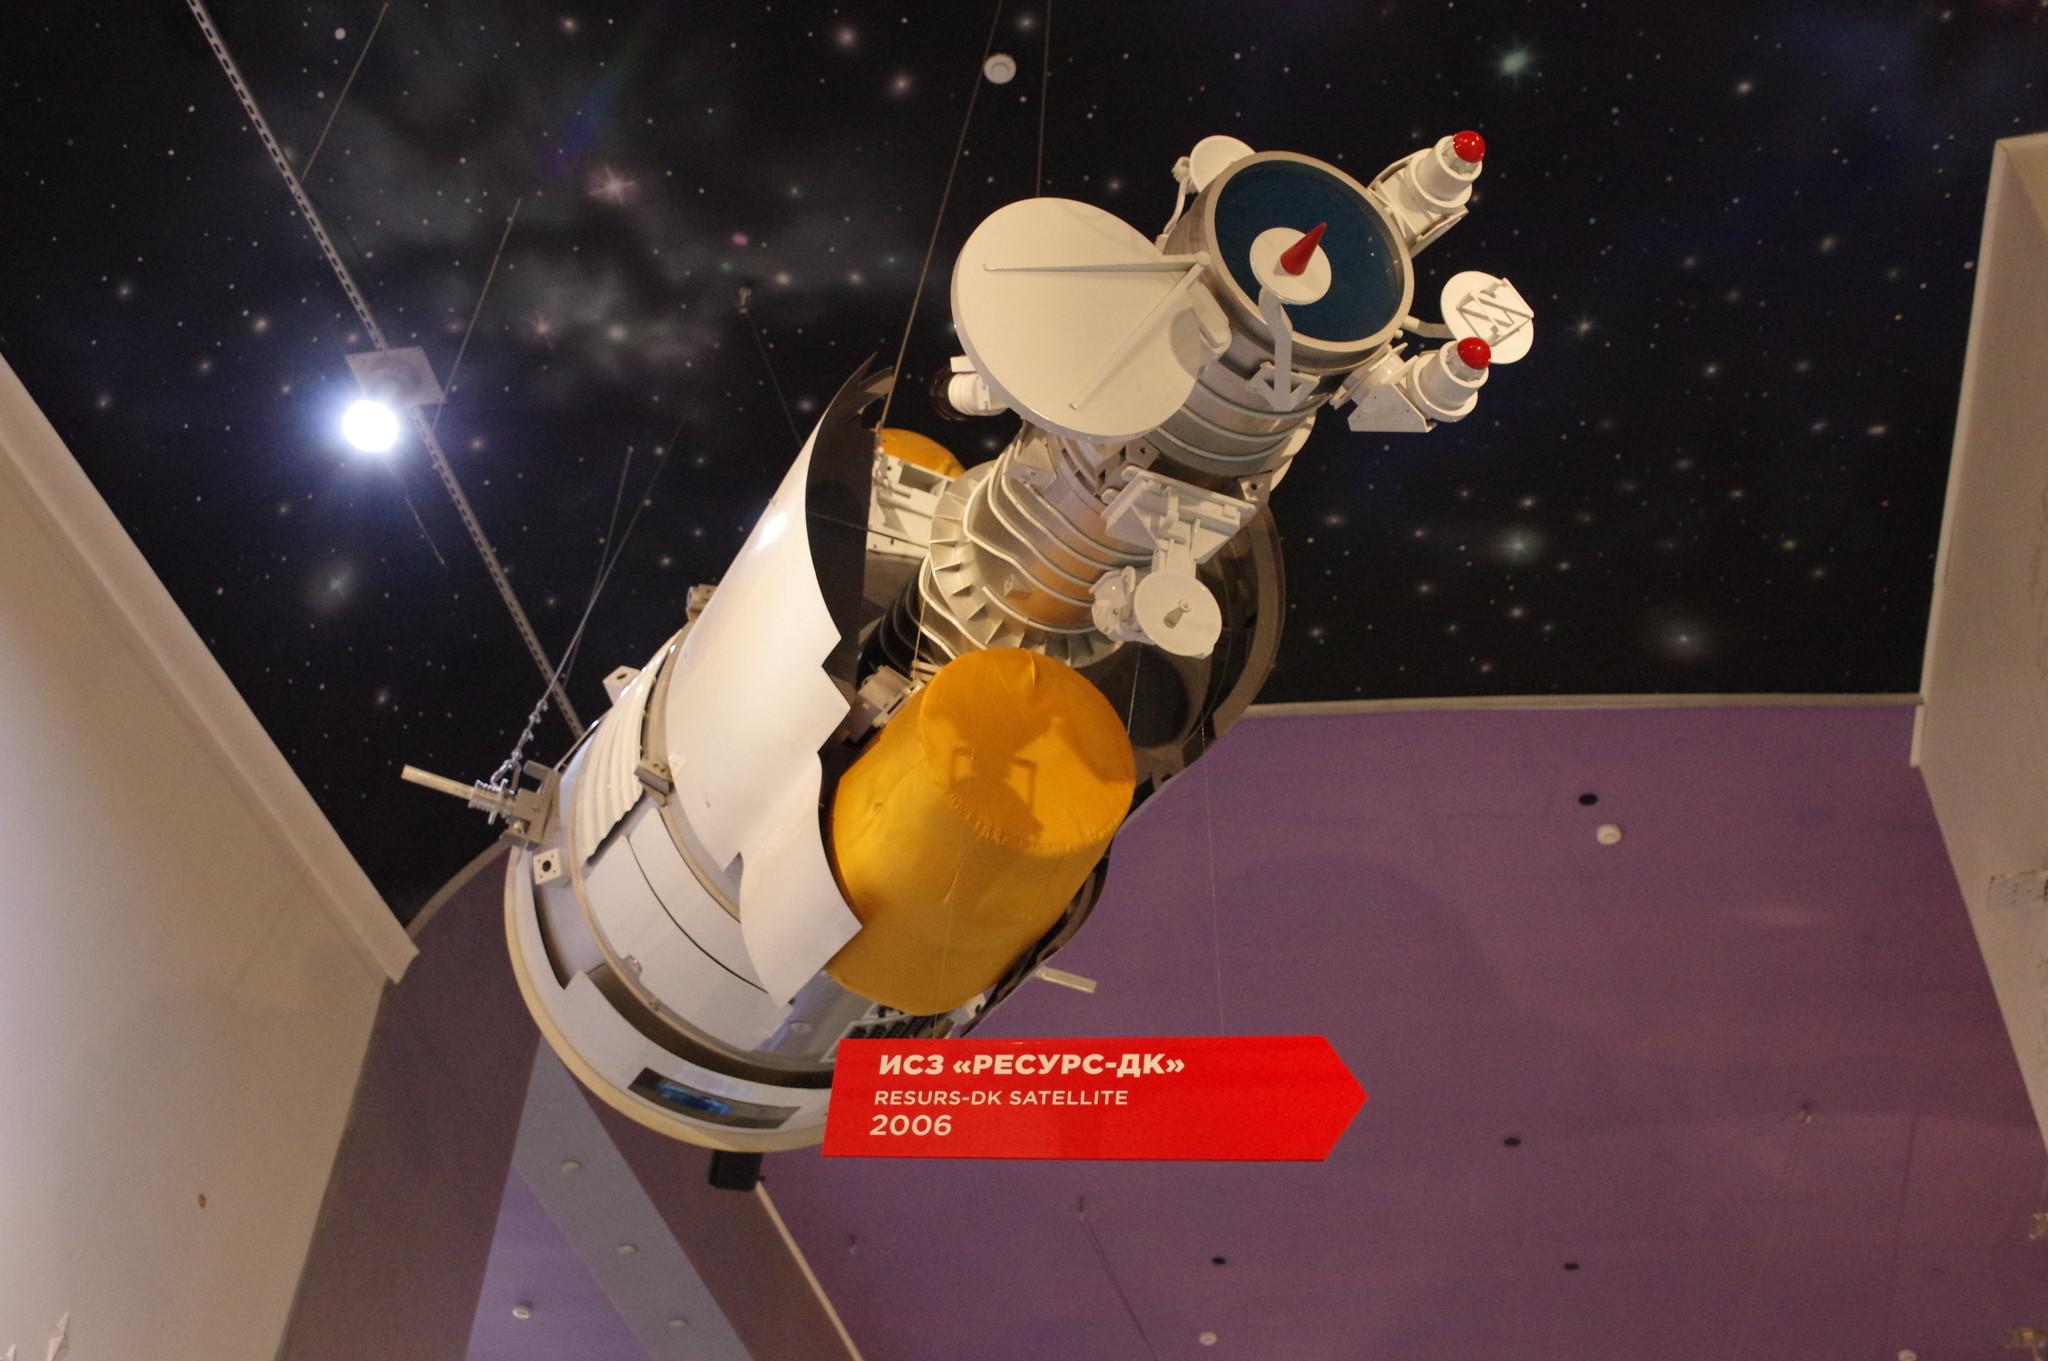 ИСЗ системы «РЕСУРС-ДК». 2006 г. Мемориальный музей космонавтики (Проспект мира, дом 111)